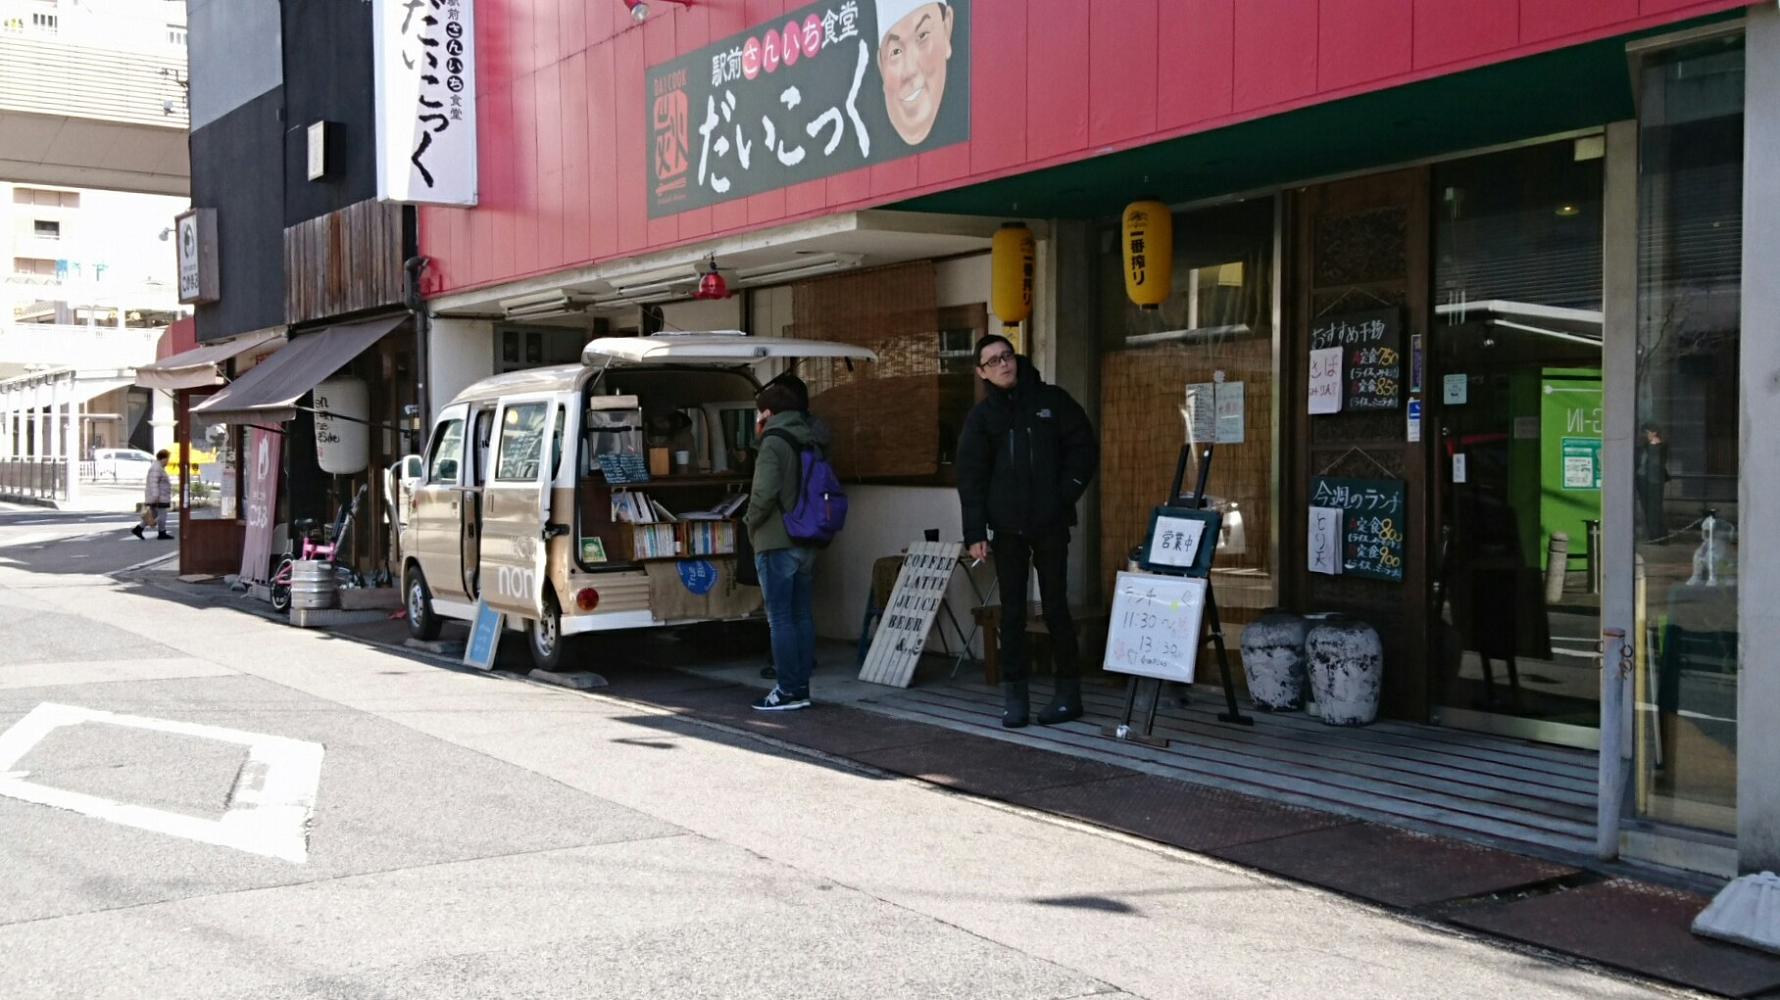 2017.2.10 (2-1) だいこっくとのんちゃんのカフェバス 1780-1000